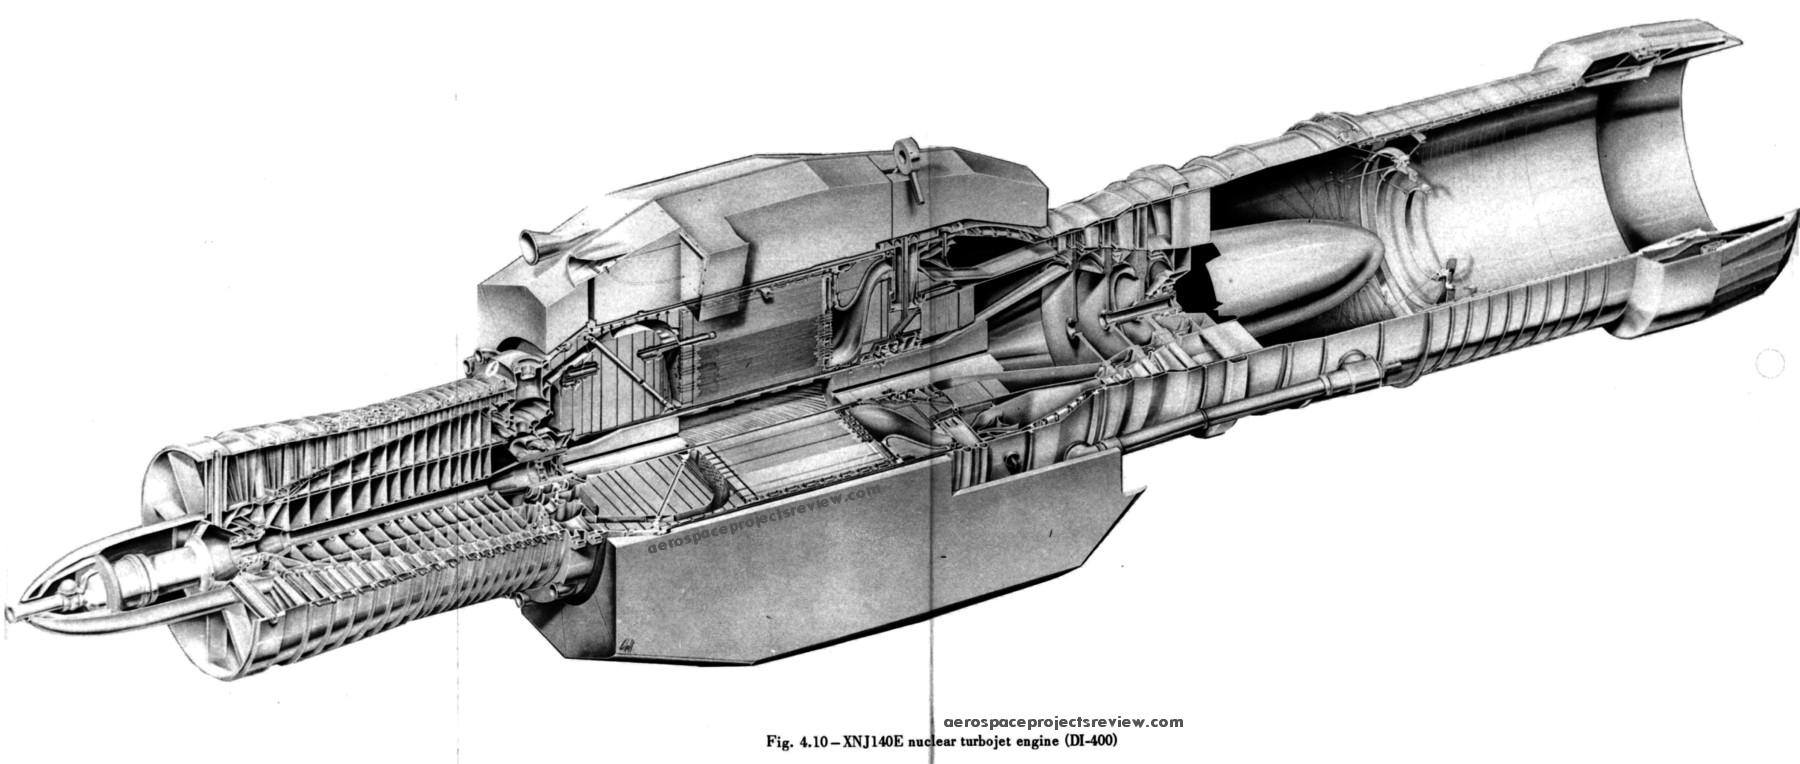 원자력 제트 엔진 : 이런 시절도 있었어요.